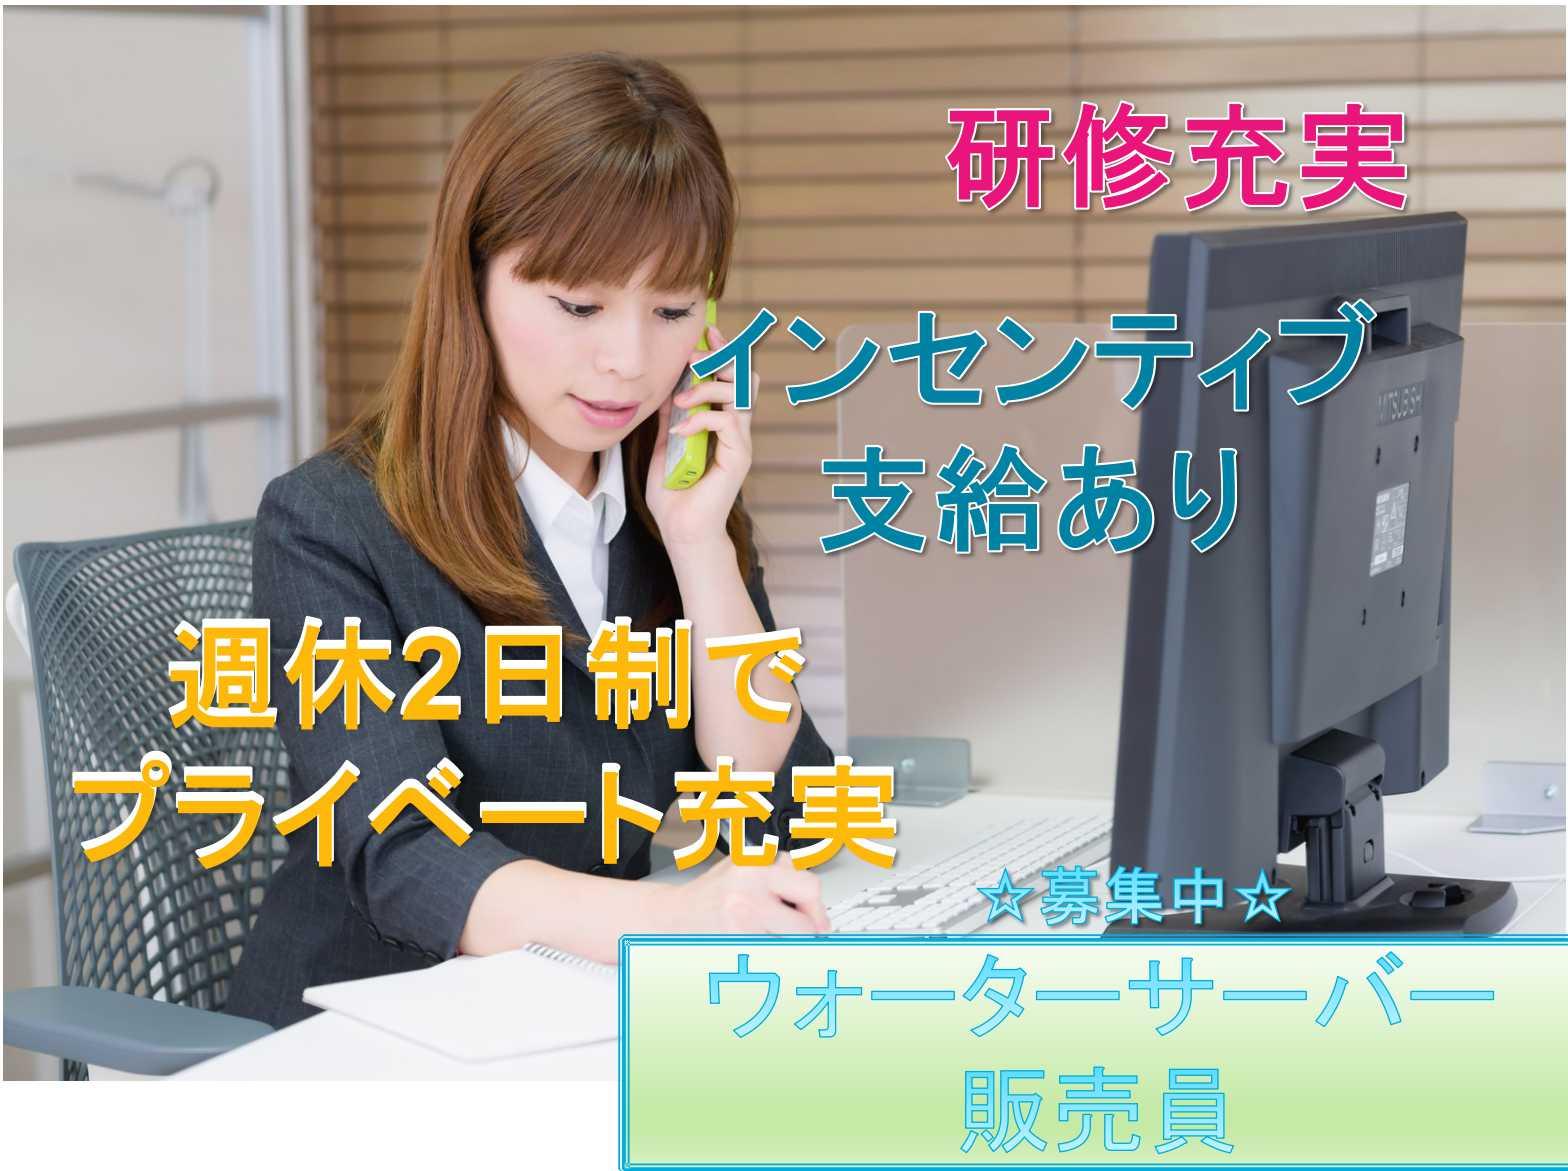 【名古屋市全域】✤研修充実✤インセンティブ支給あり✤ウォーターサーバー販売員✤正社員募集中✤ イメージ